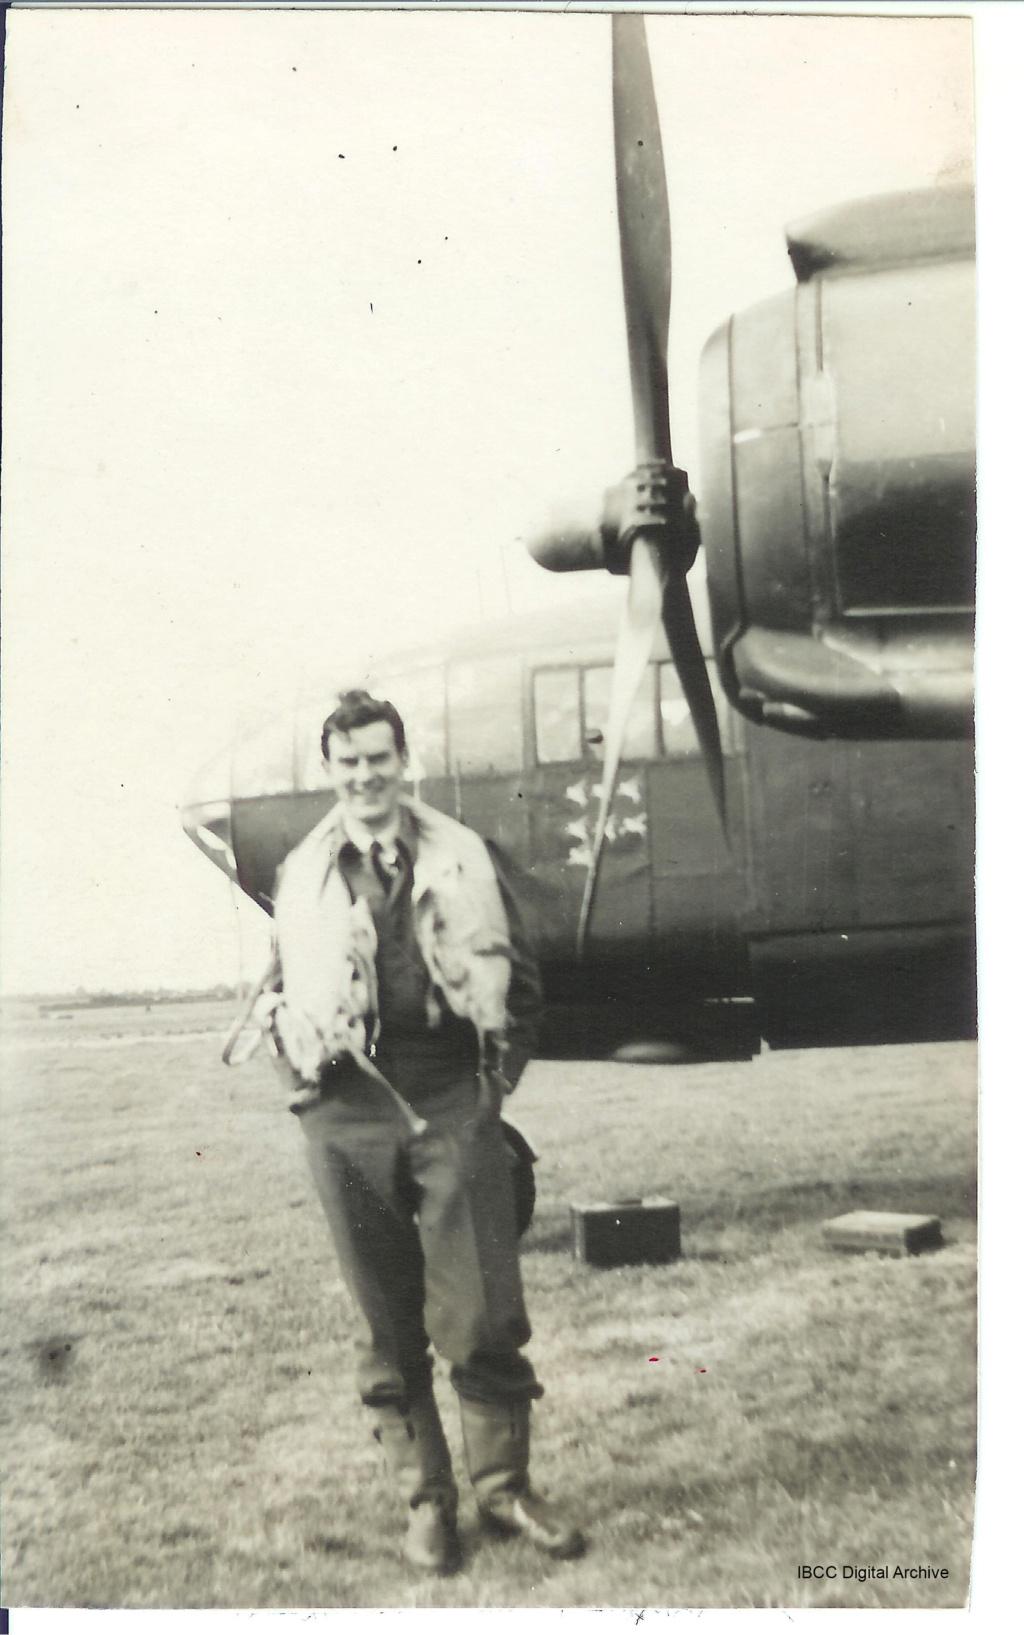 Armstrong Whitworth AW 41 ALBEMARLE 1/48 scratch en bois massif (Projet AA) : photos du modèle fini et historique de sa dernière mission. Emballage pour Expo des 4 & 5 septembre - Page 2 Pbarfo10